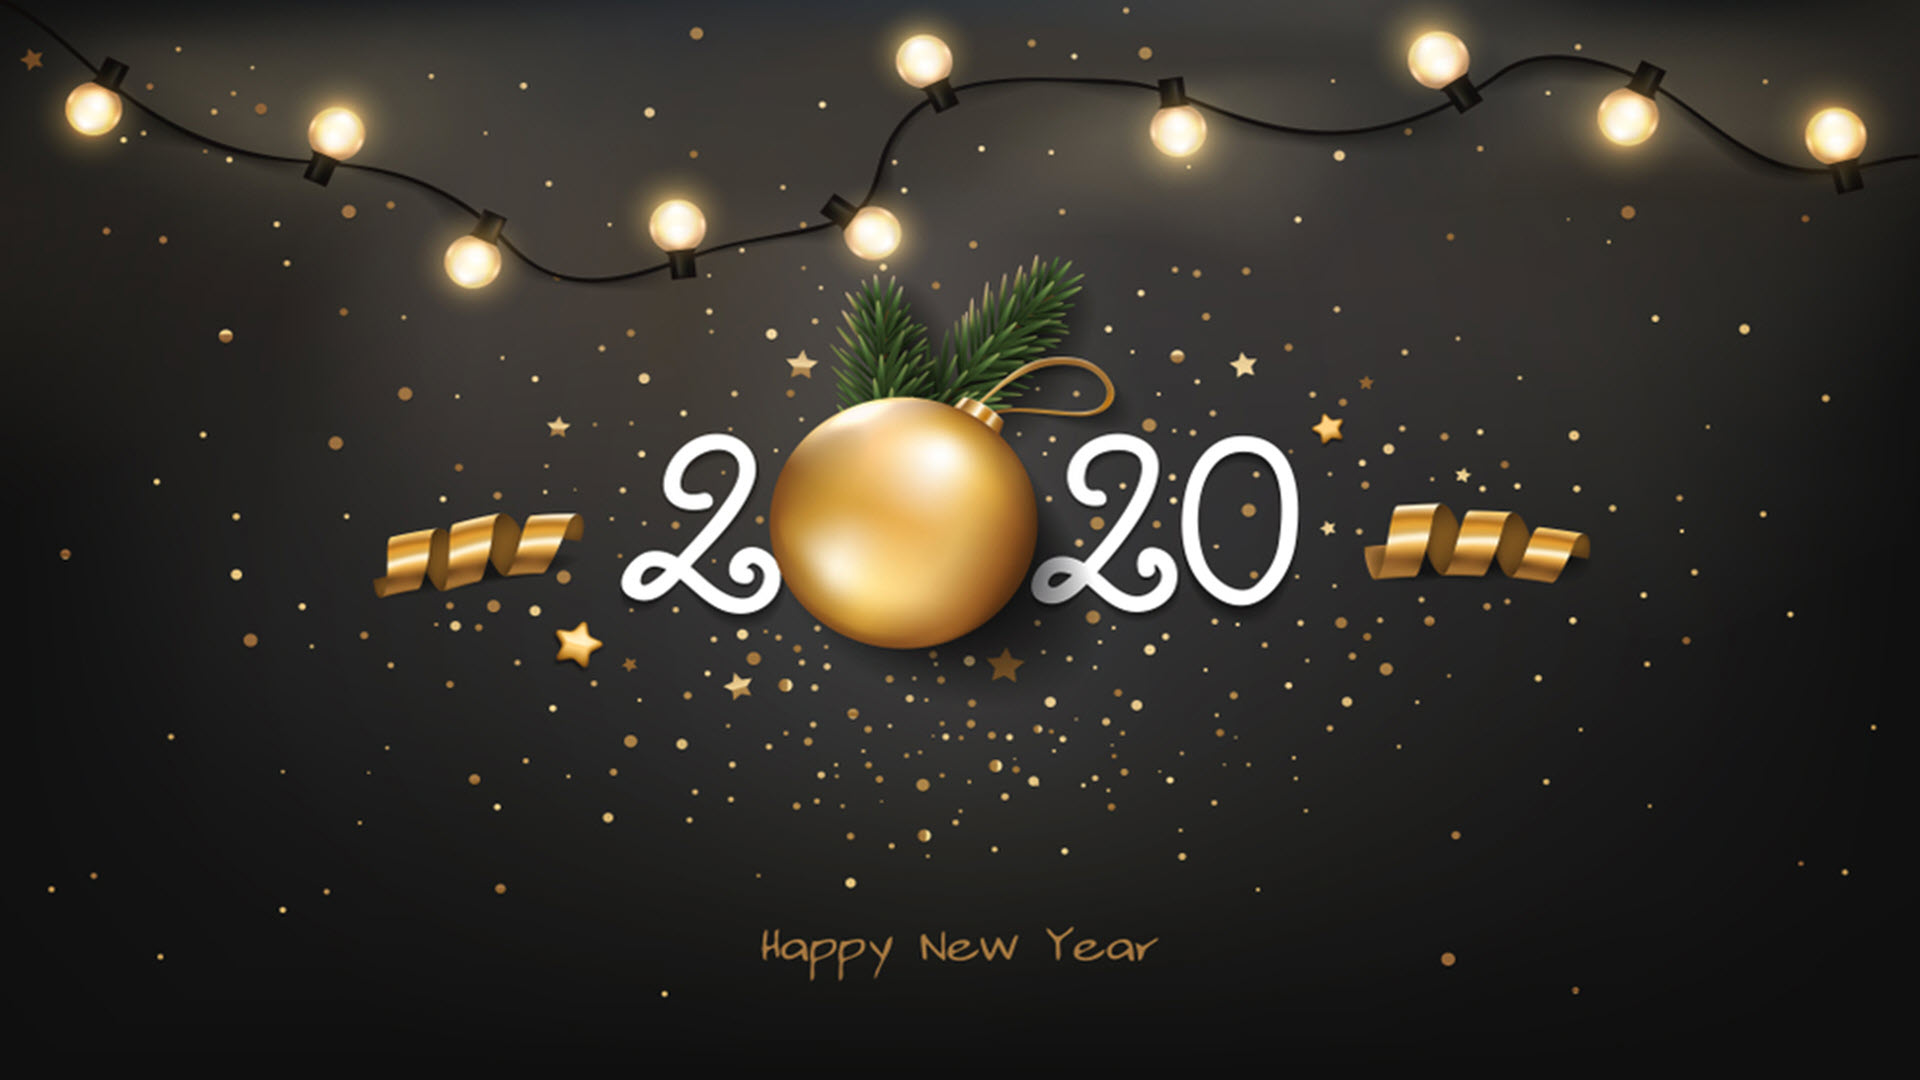 Hình nền mừng năm mới 2020